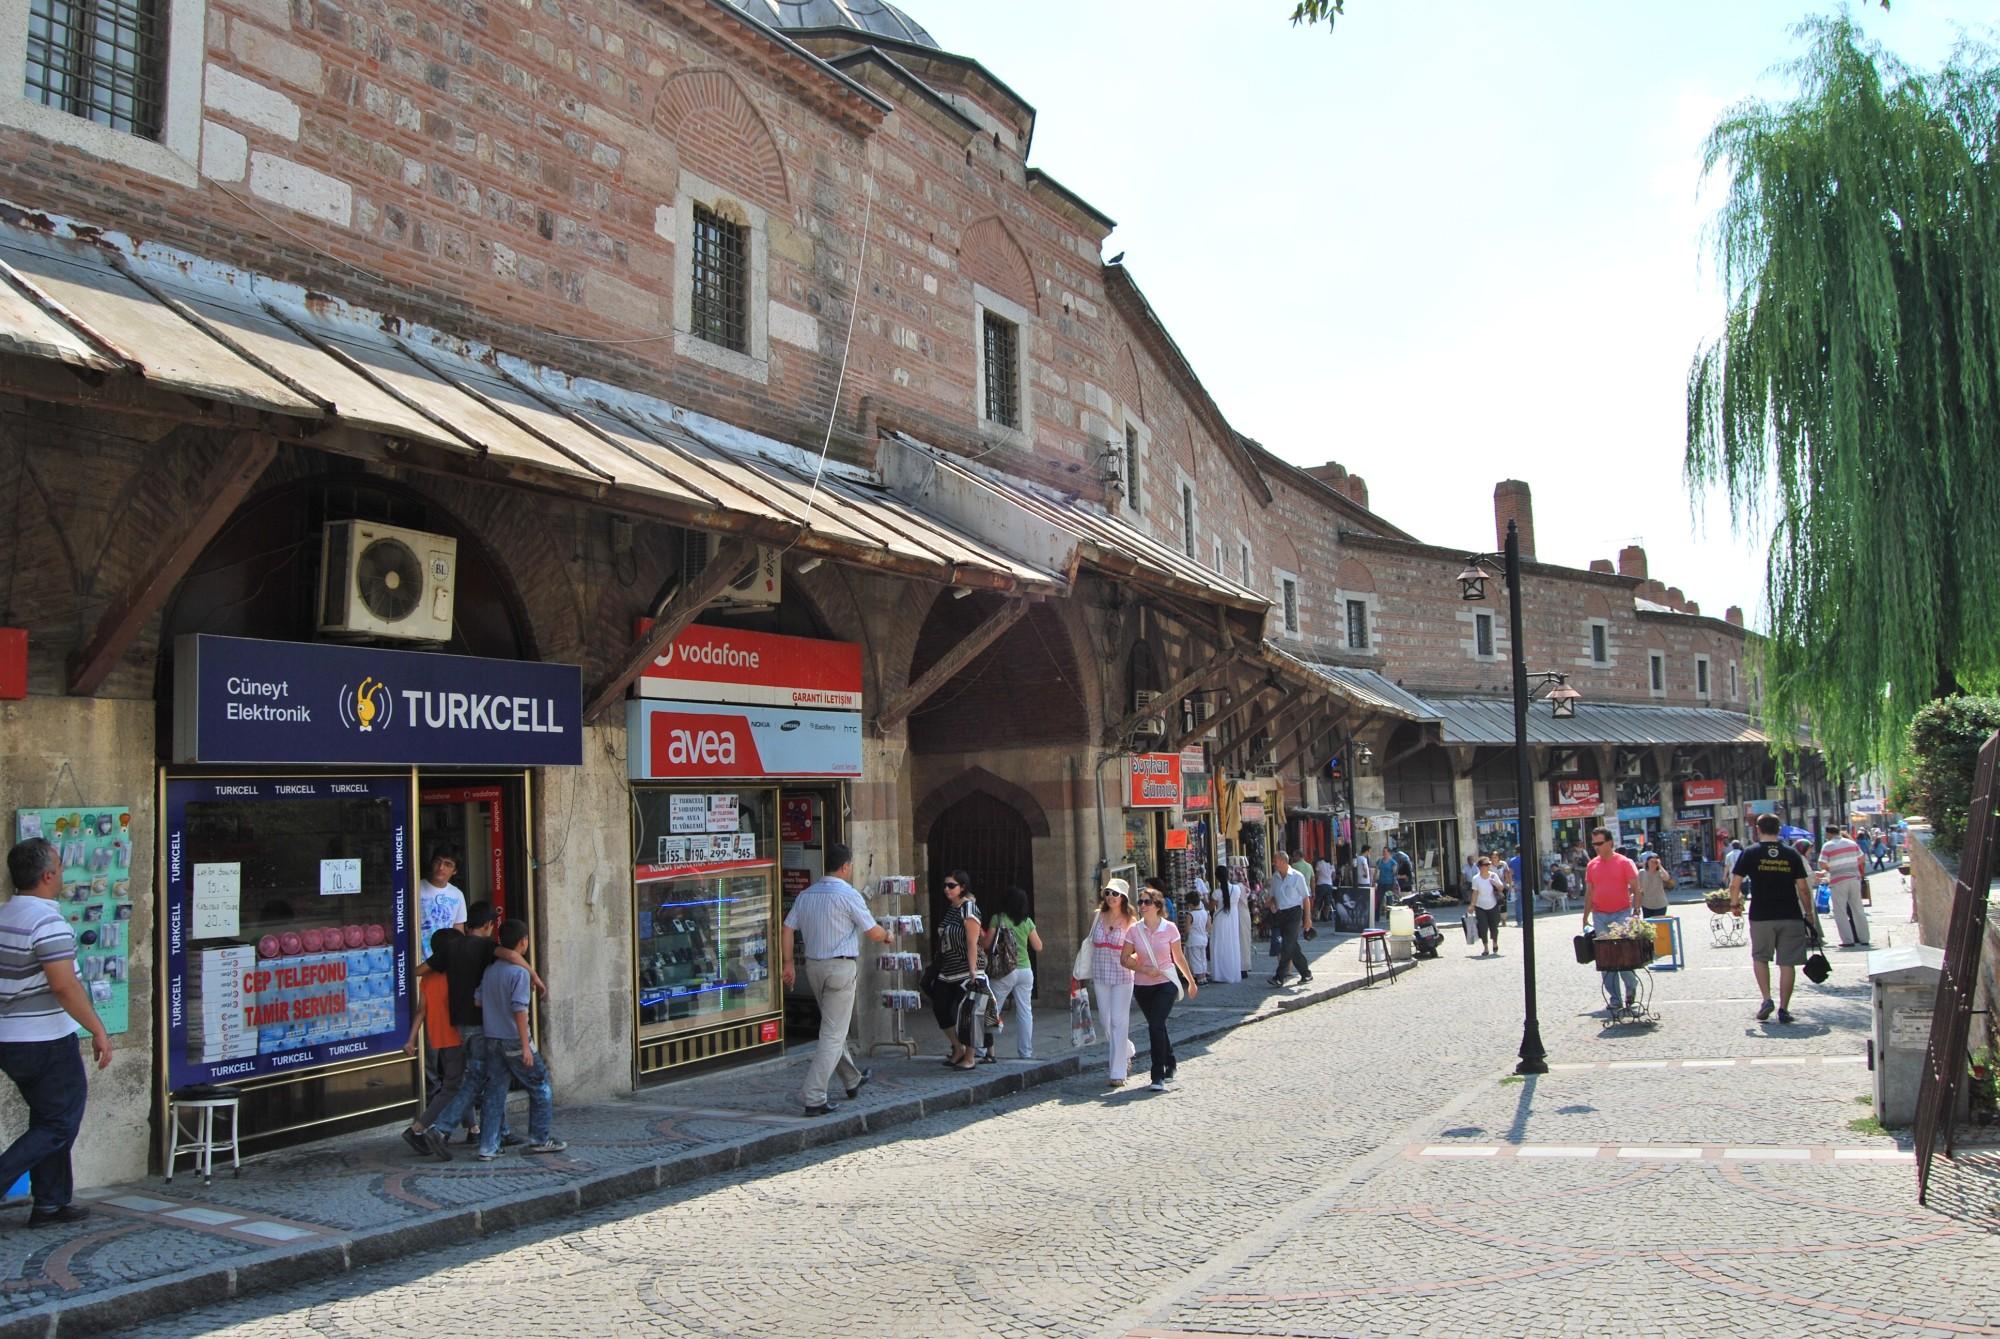 Rüstem Pasha Caravanserai in Edirne